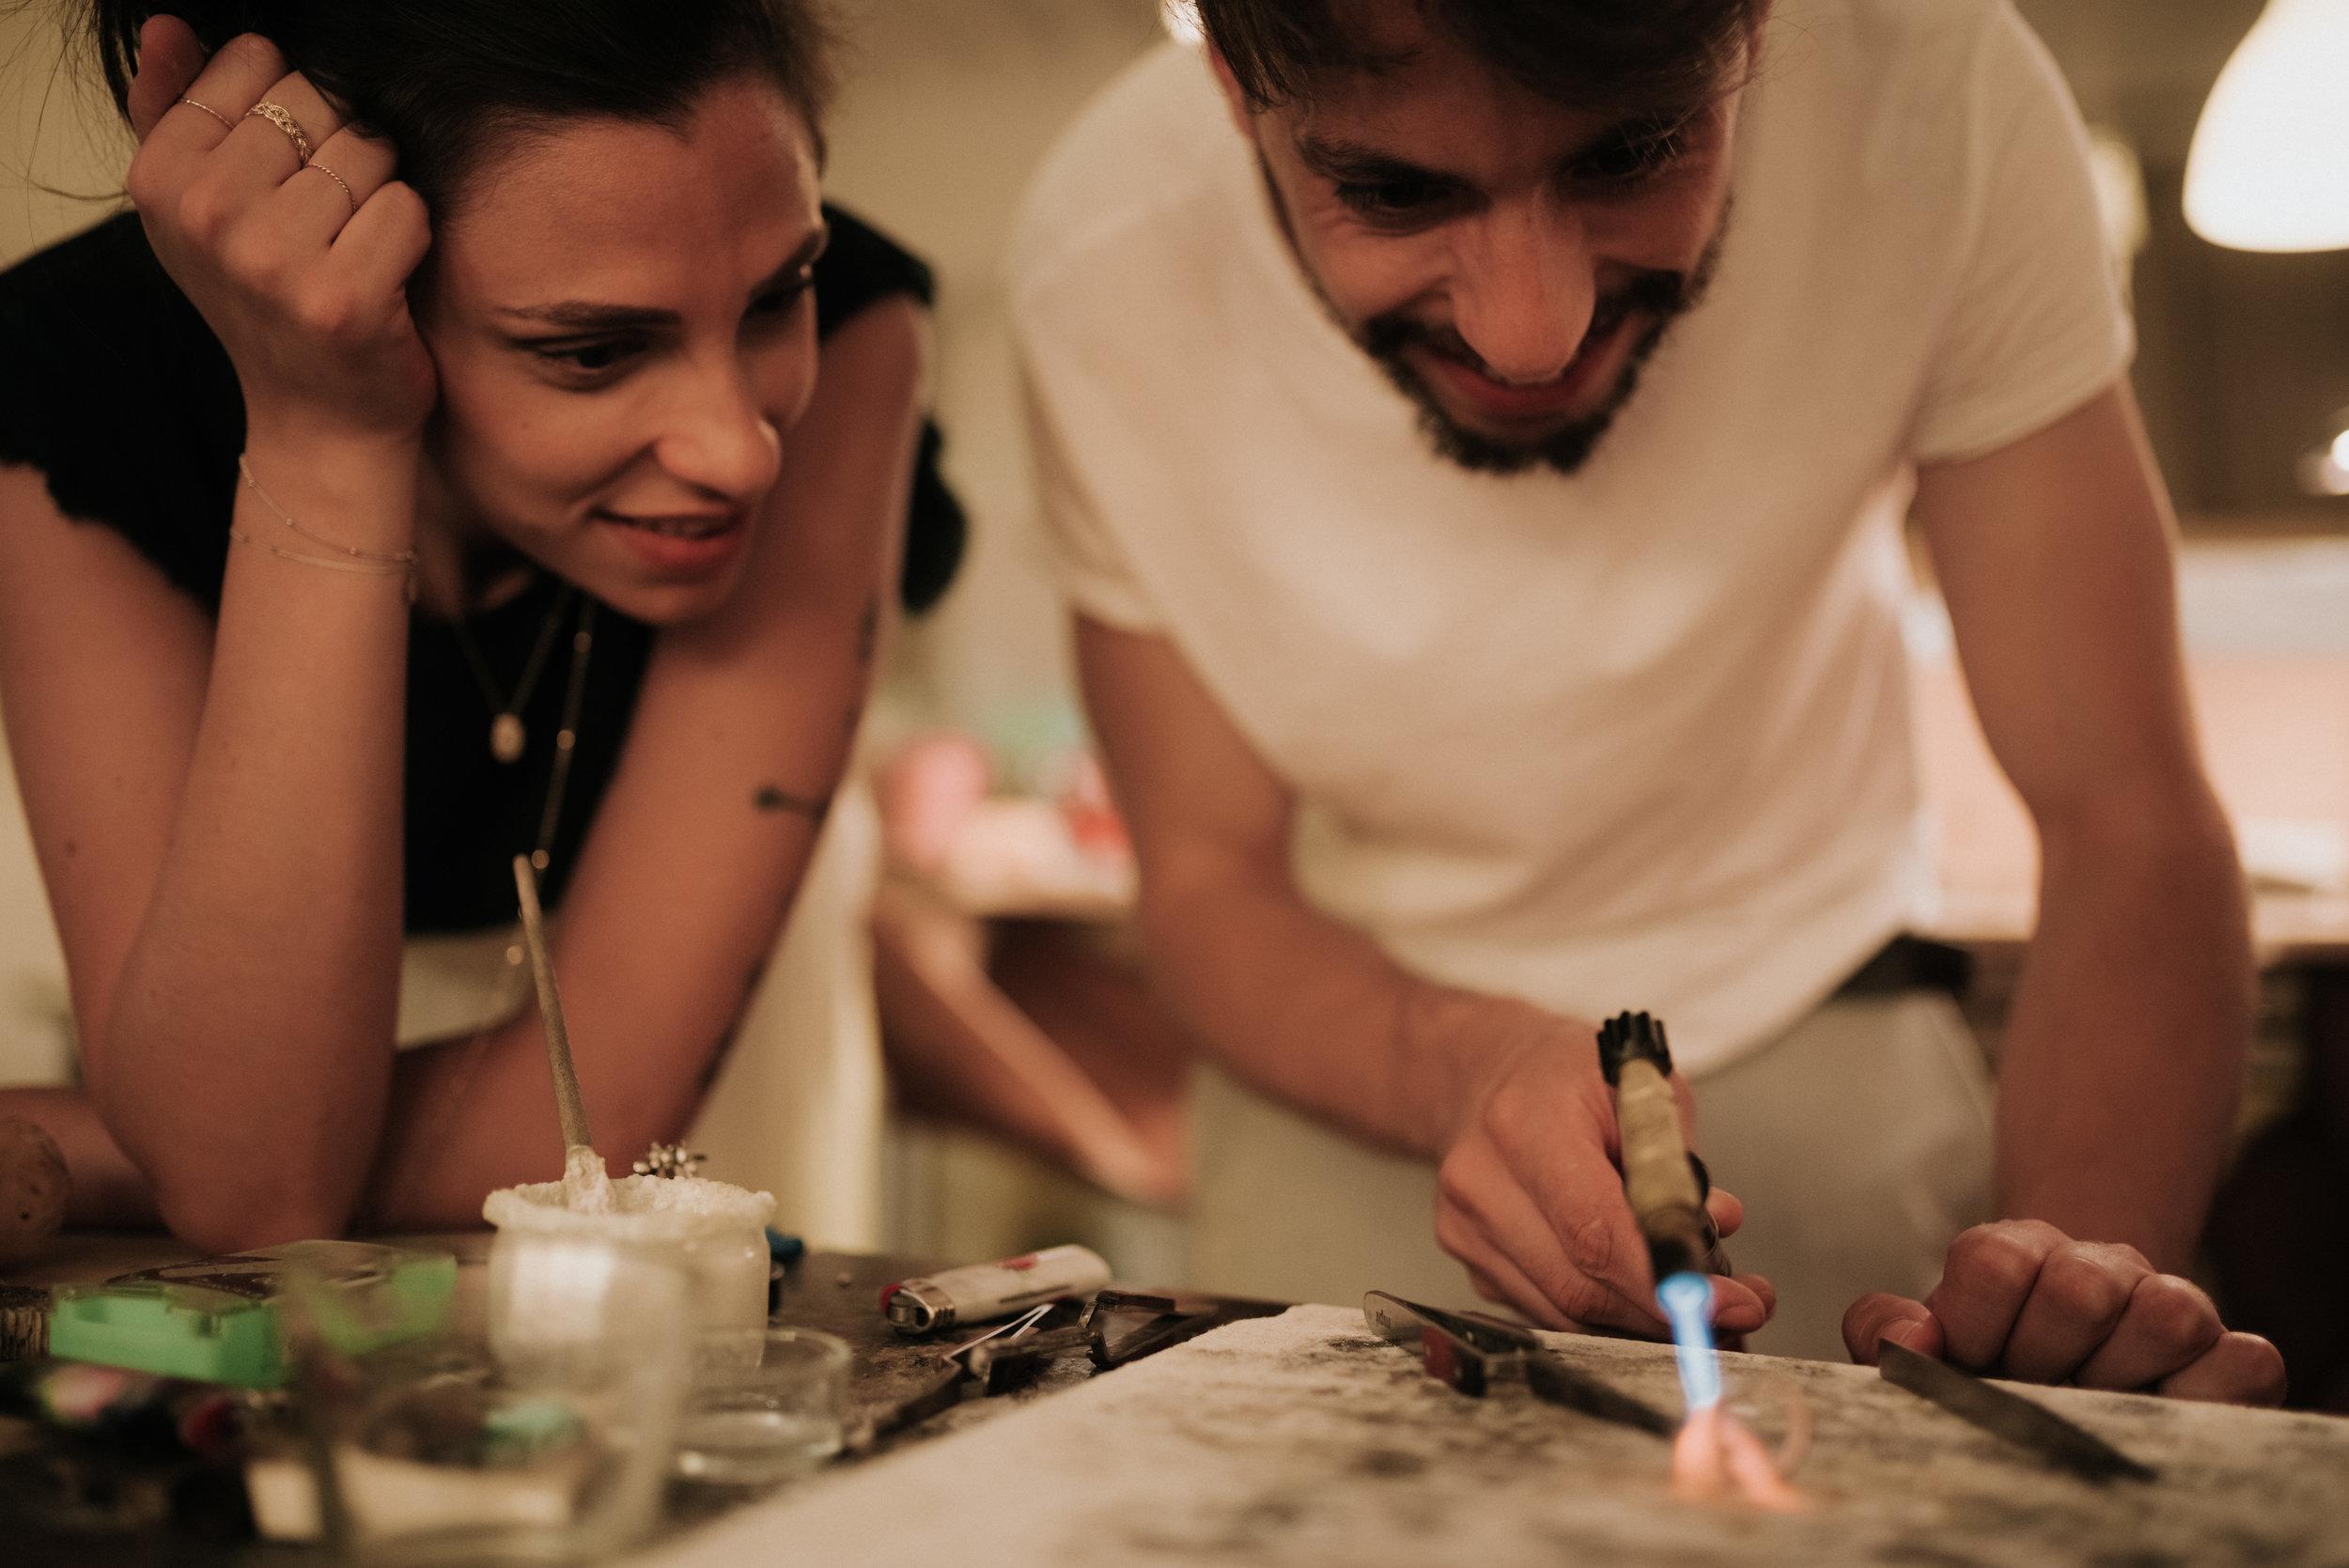 Léa-Fery-photographe-professionnel-lyon-rhone-alpes-portrait-creation-mariage-evenement-evenementiel-famille-9010.jpg